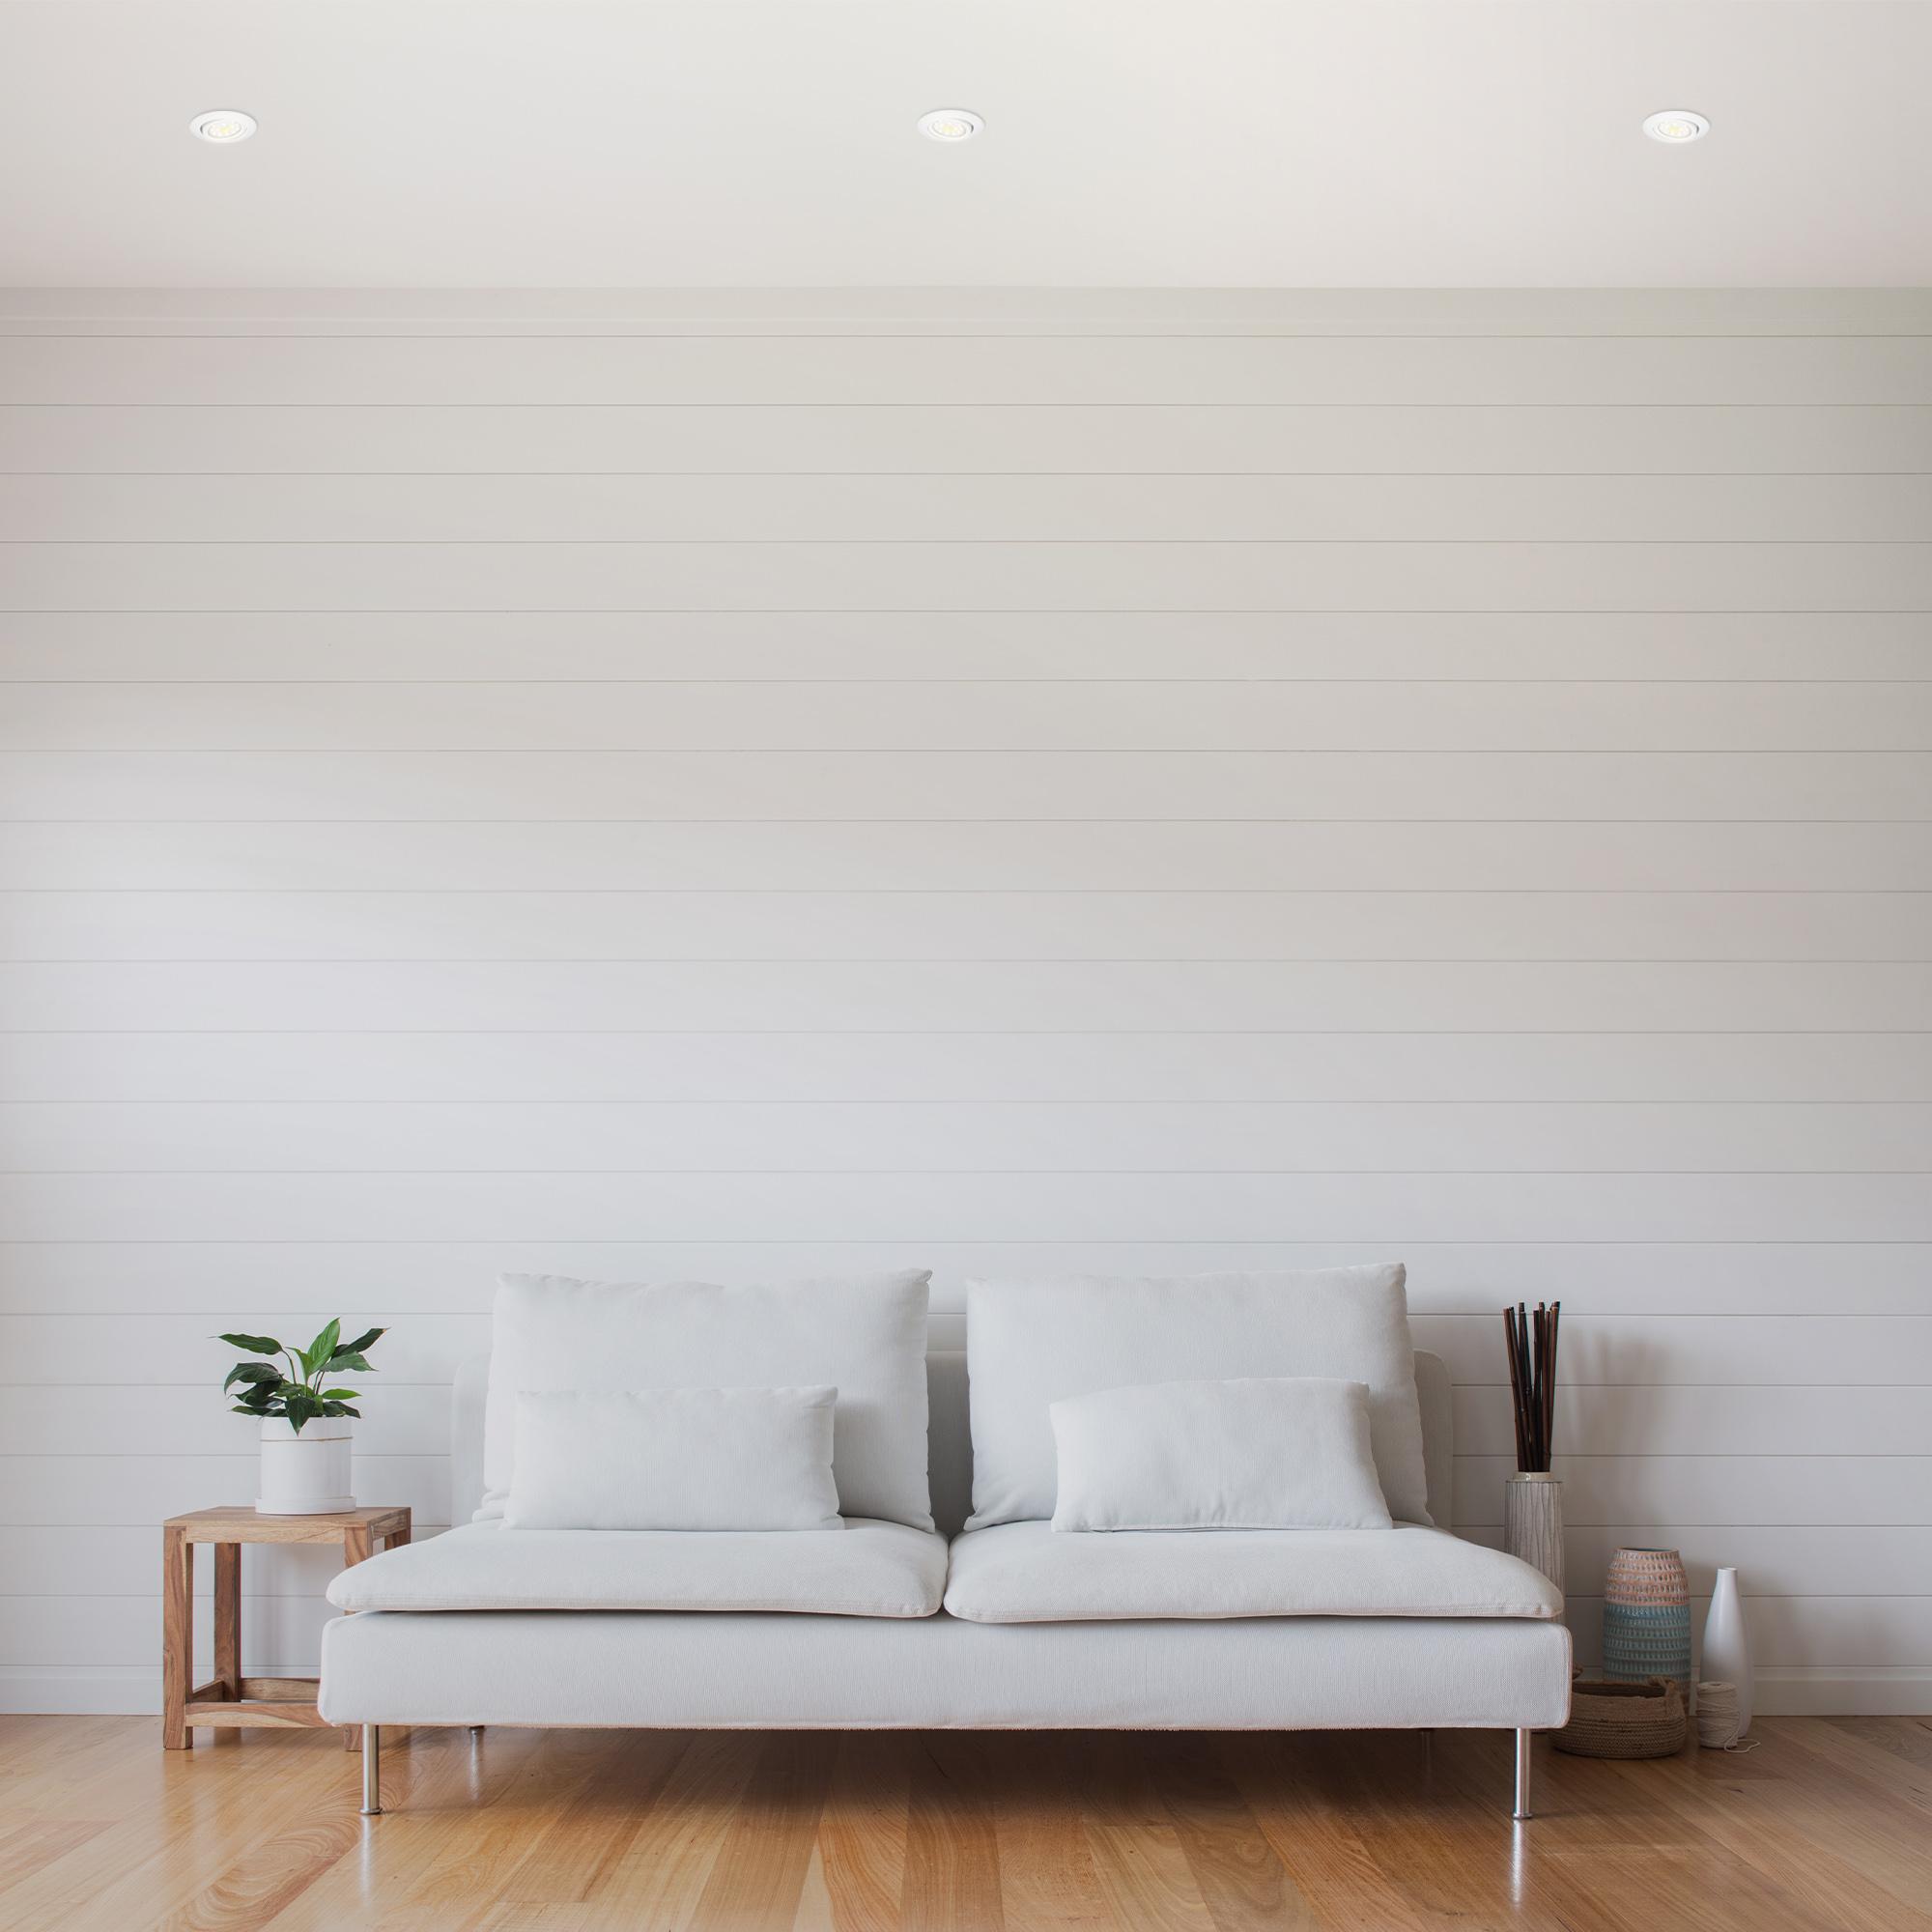 3er Set LED Einbauleuchte, Ø 8,2 cm, 3,5 W, Weiß